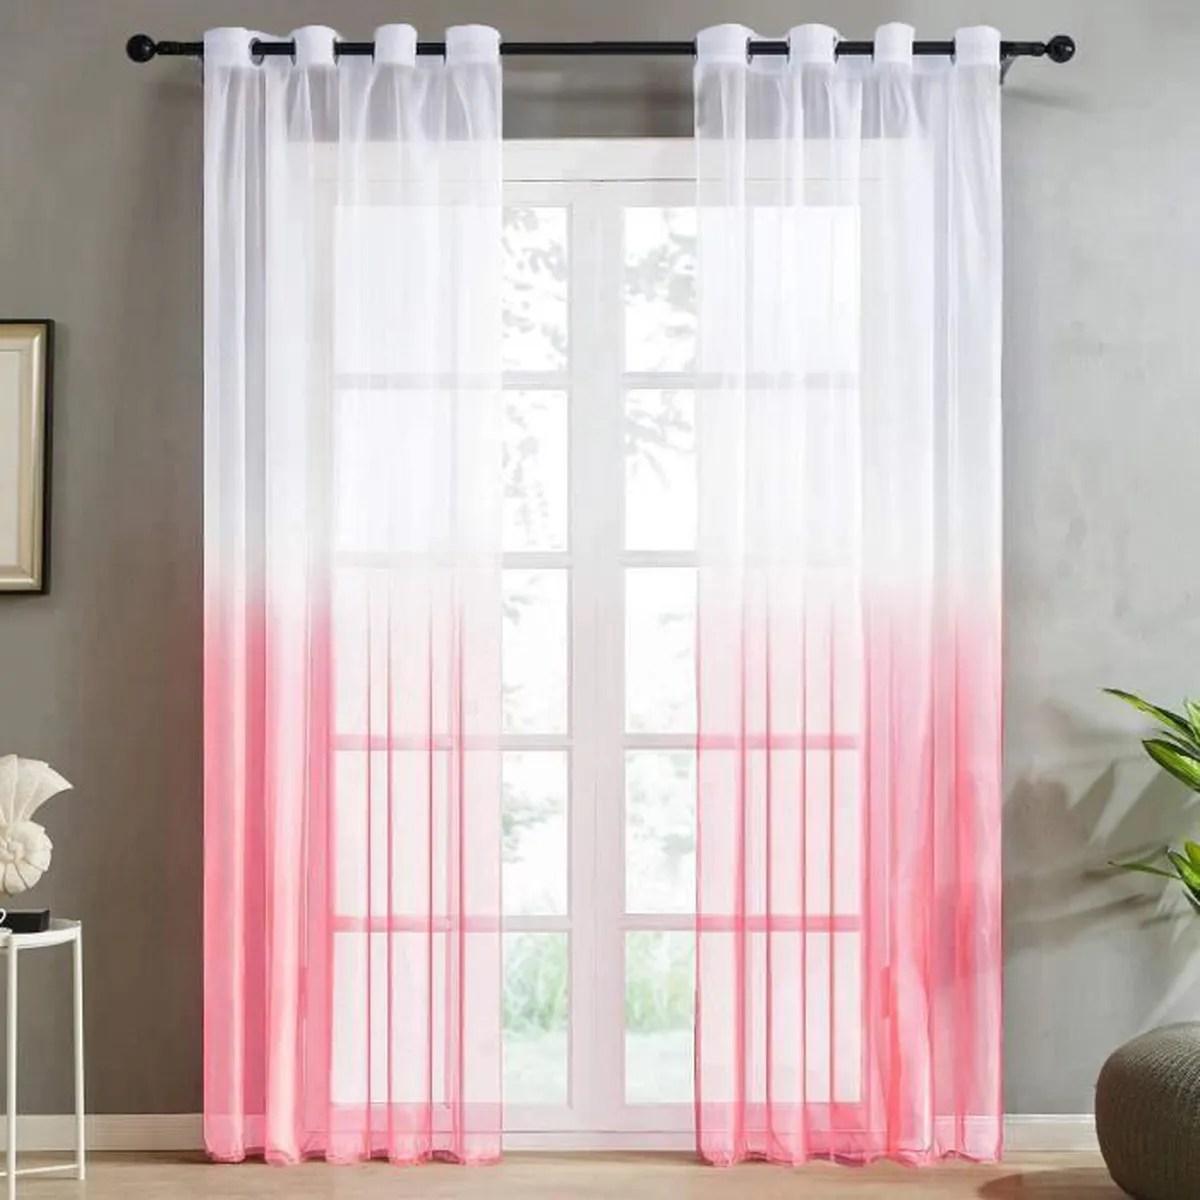 jupitte rideaux voilage blanc rouge voilage ombre degrade a oeillet 2 panneaux 140x240cm oeillet ramp achat vente voilage cdiscount